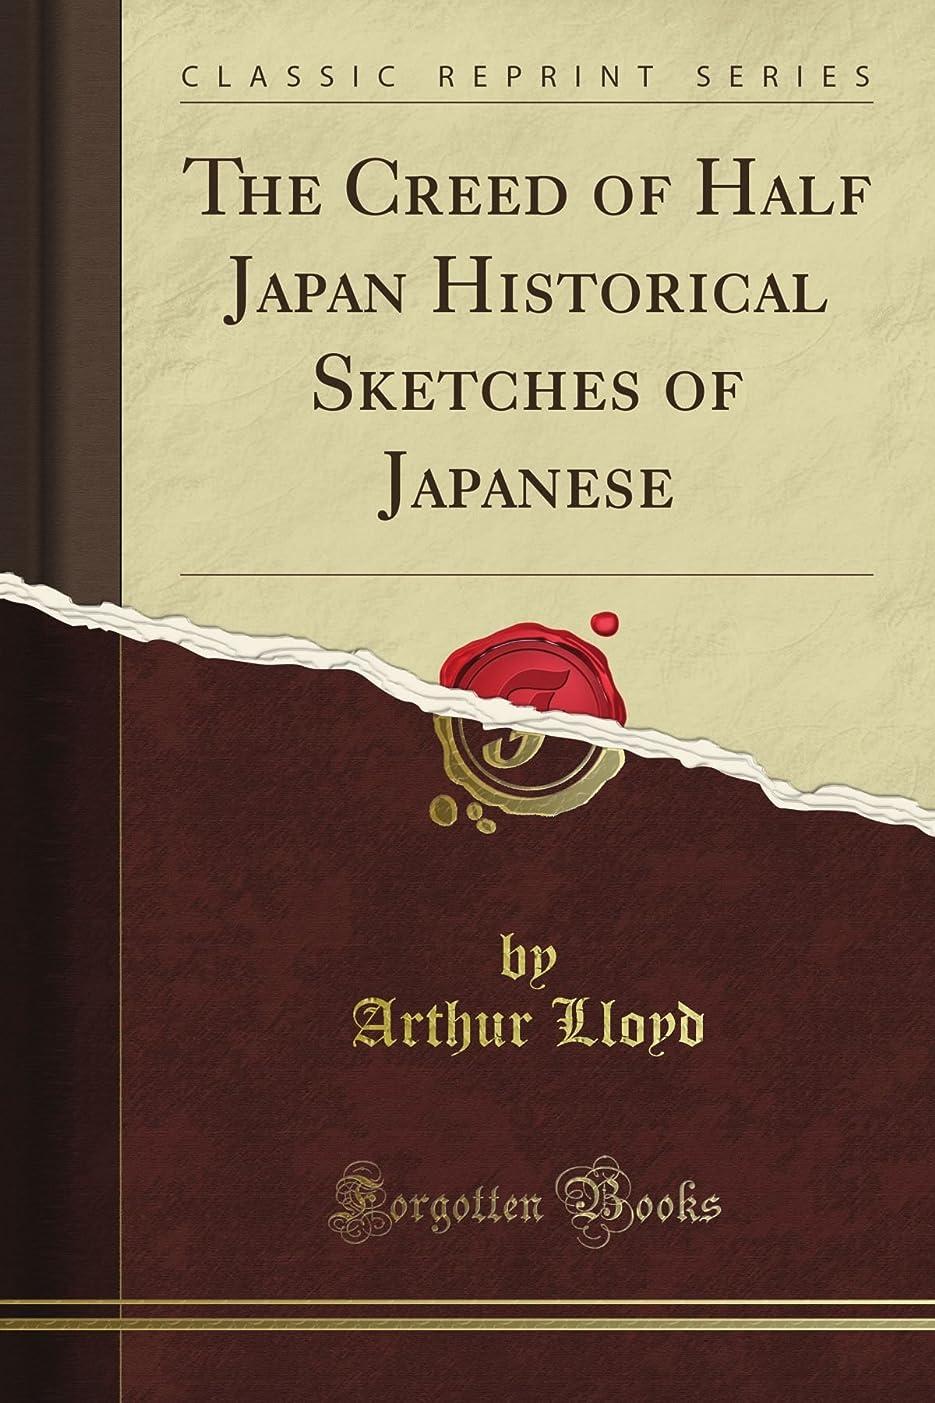 ピック定説ブラウスThe Creed of Half Japan Historical Sketches of Japanese (Classic Reprint)